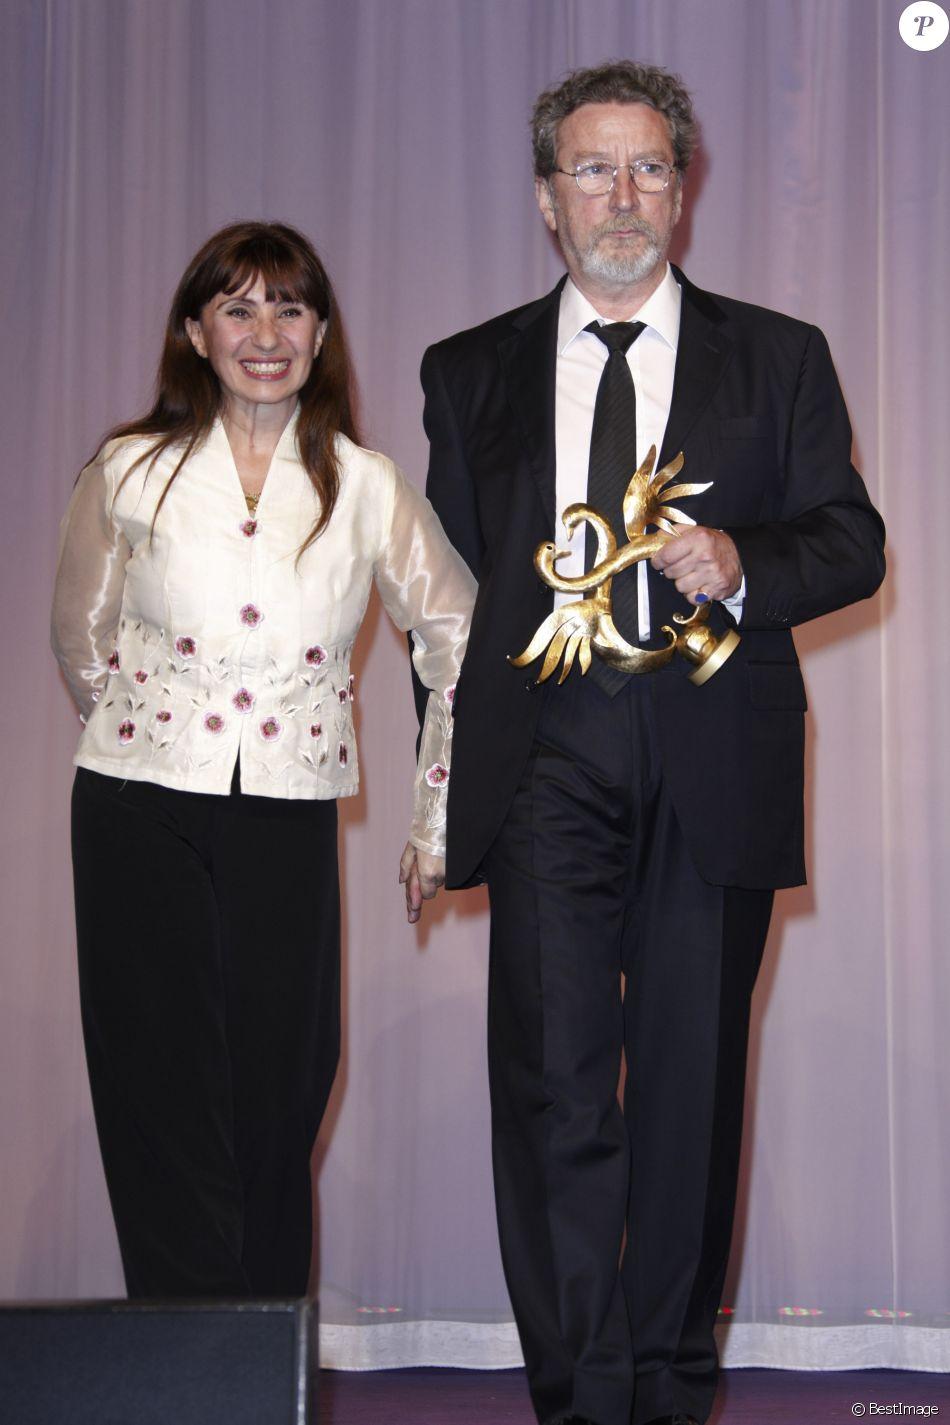 Ariane Ascaride Et Son Mari Robert Guediguian Lors De La Ceremonie De Cloture Du 26eme Festival Du Film Romantique De Cabourg Le 12 Juin 2012 Purepeople